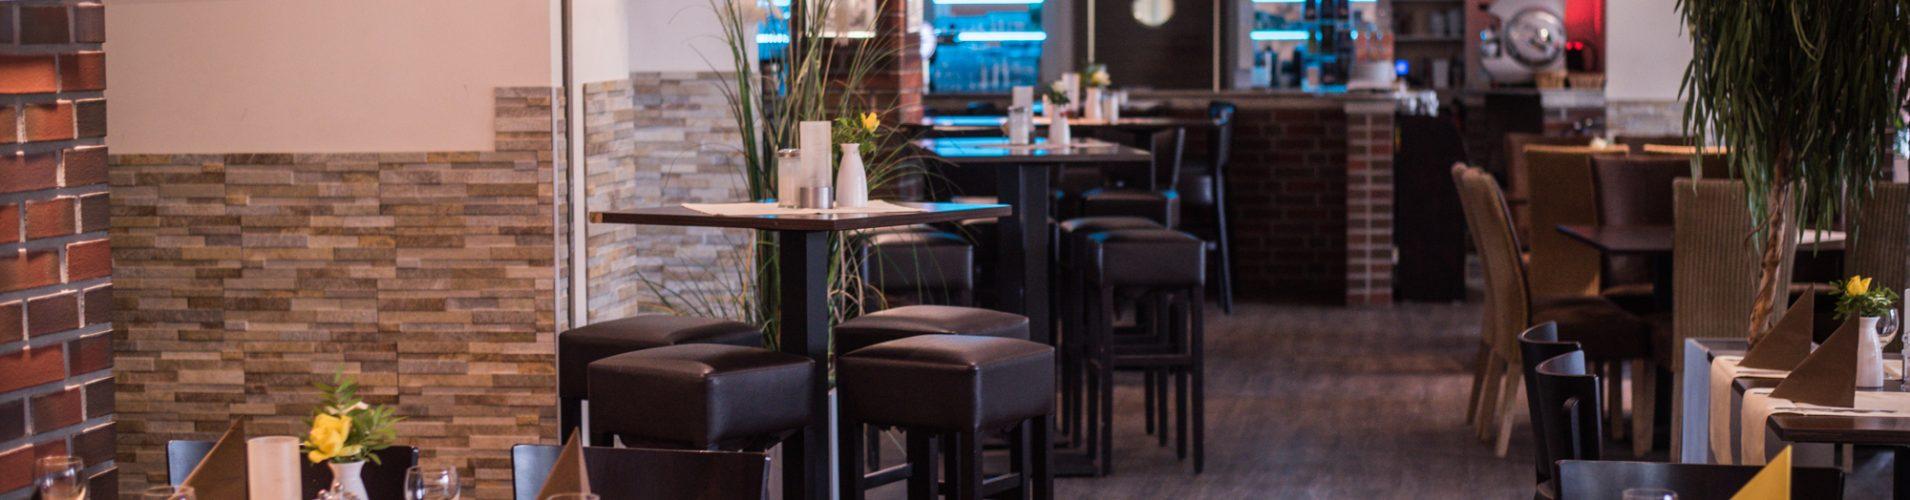 Innenbereich Restaurant Rheydt